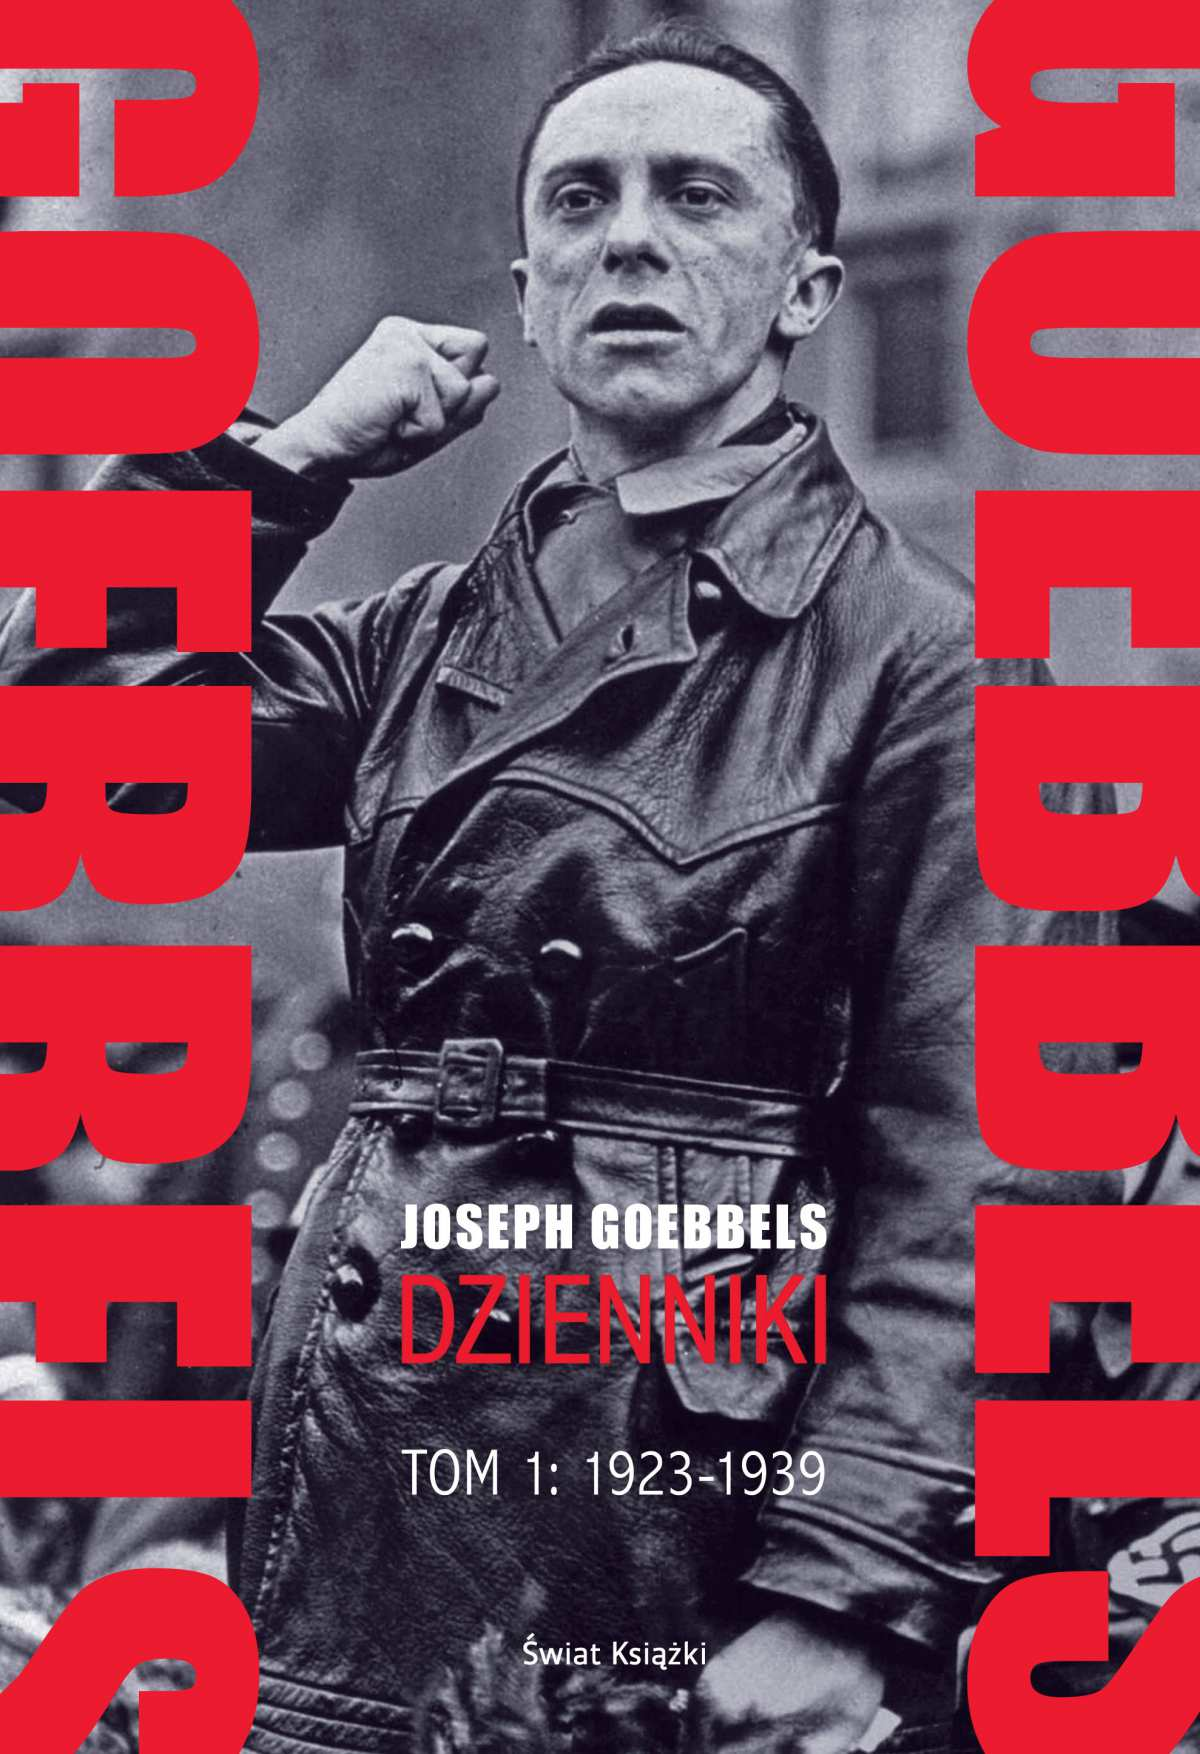 Dzienniki Goebbelsa - Ebook (Książka na Kindle) do pobrania w formacie MOBI